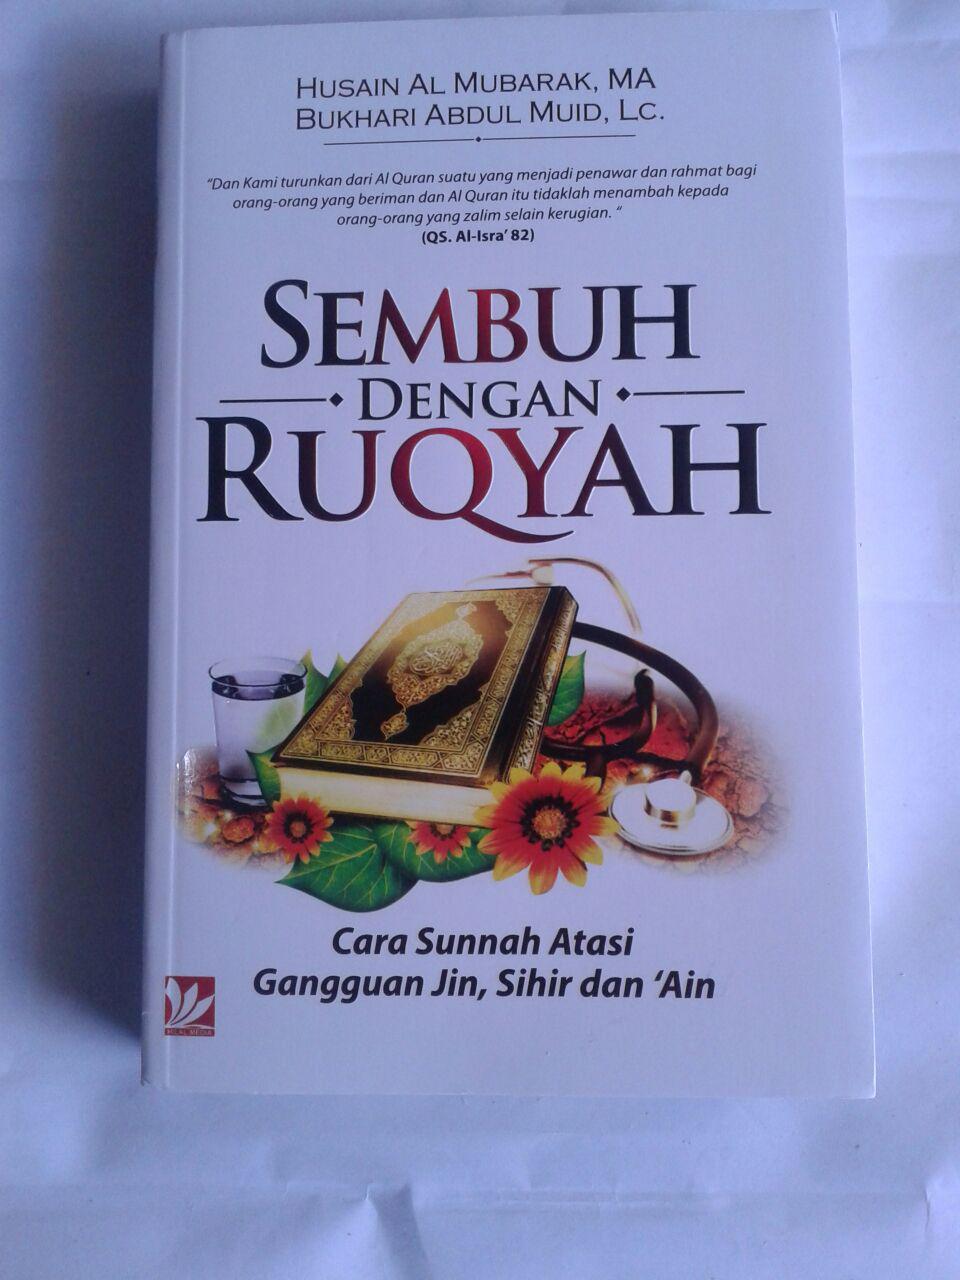 Buku Sembuh Dengan Ruqyah Cara Sunnah Atasi Gangguan Jin cover 2